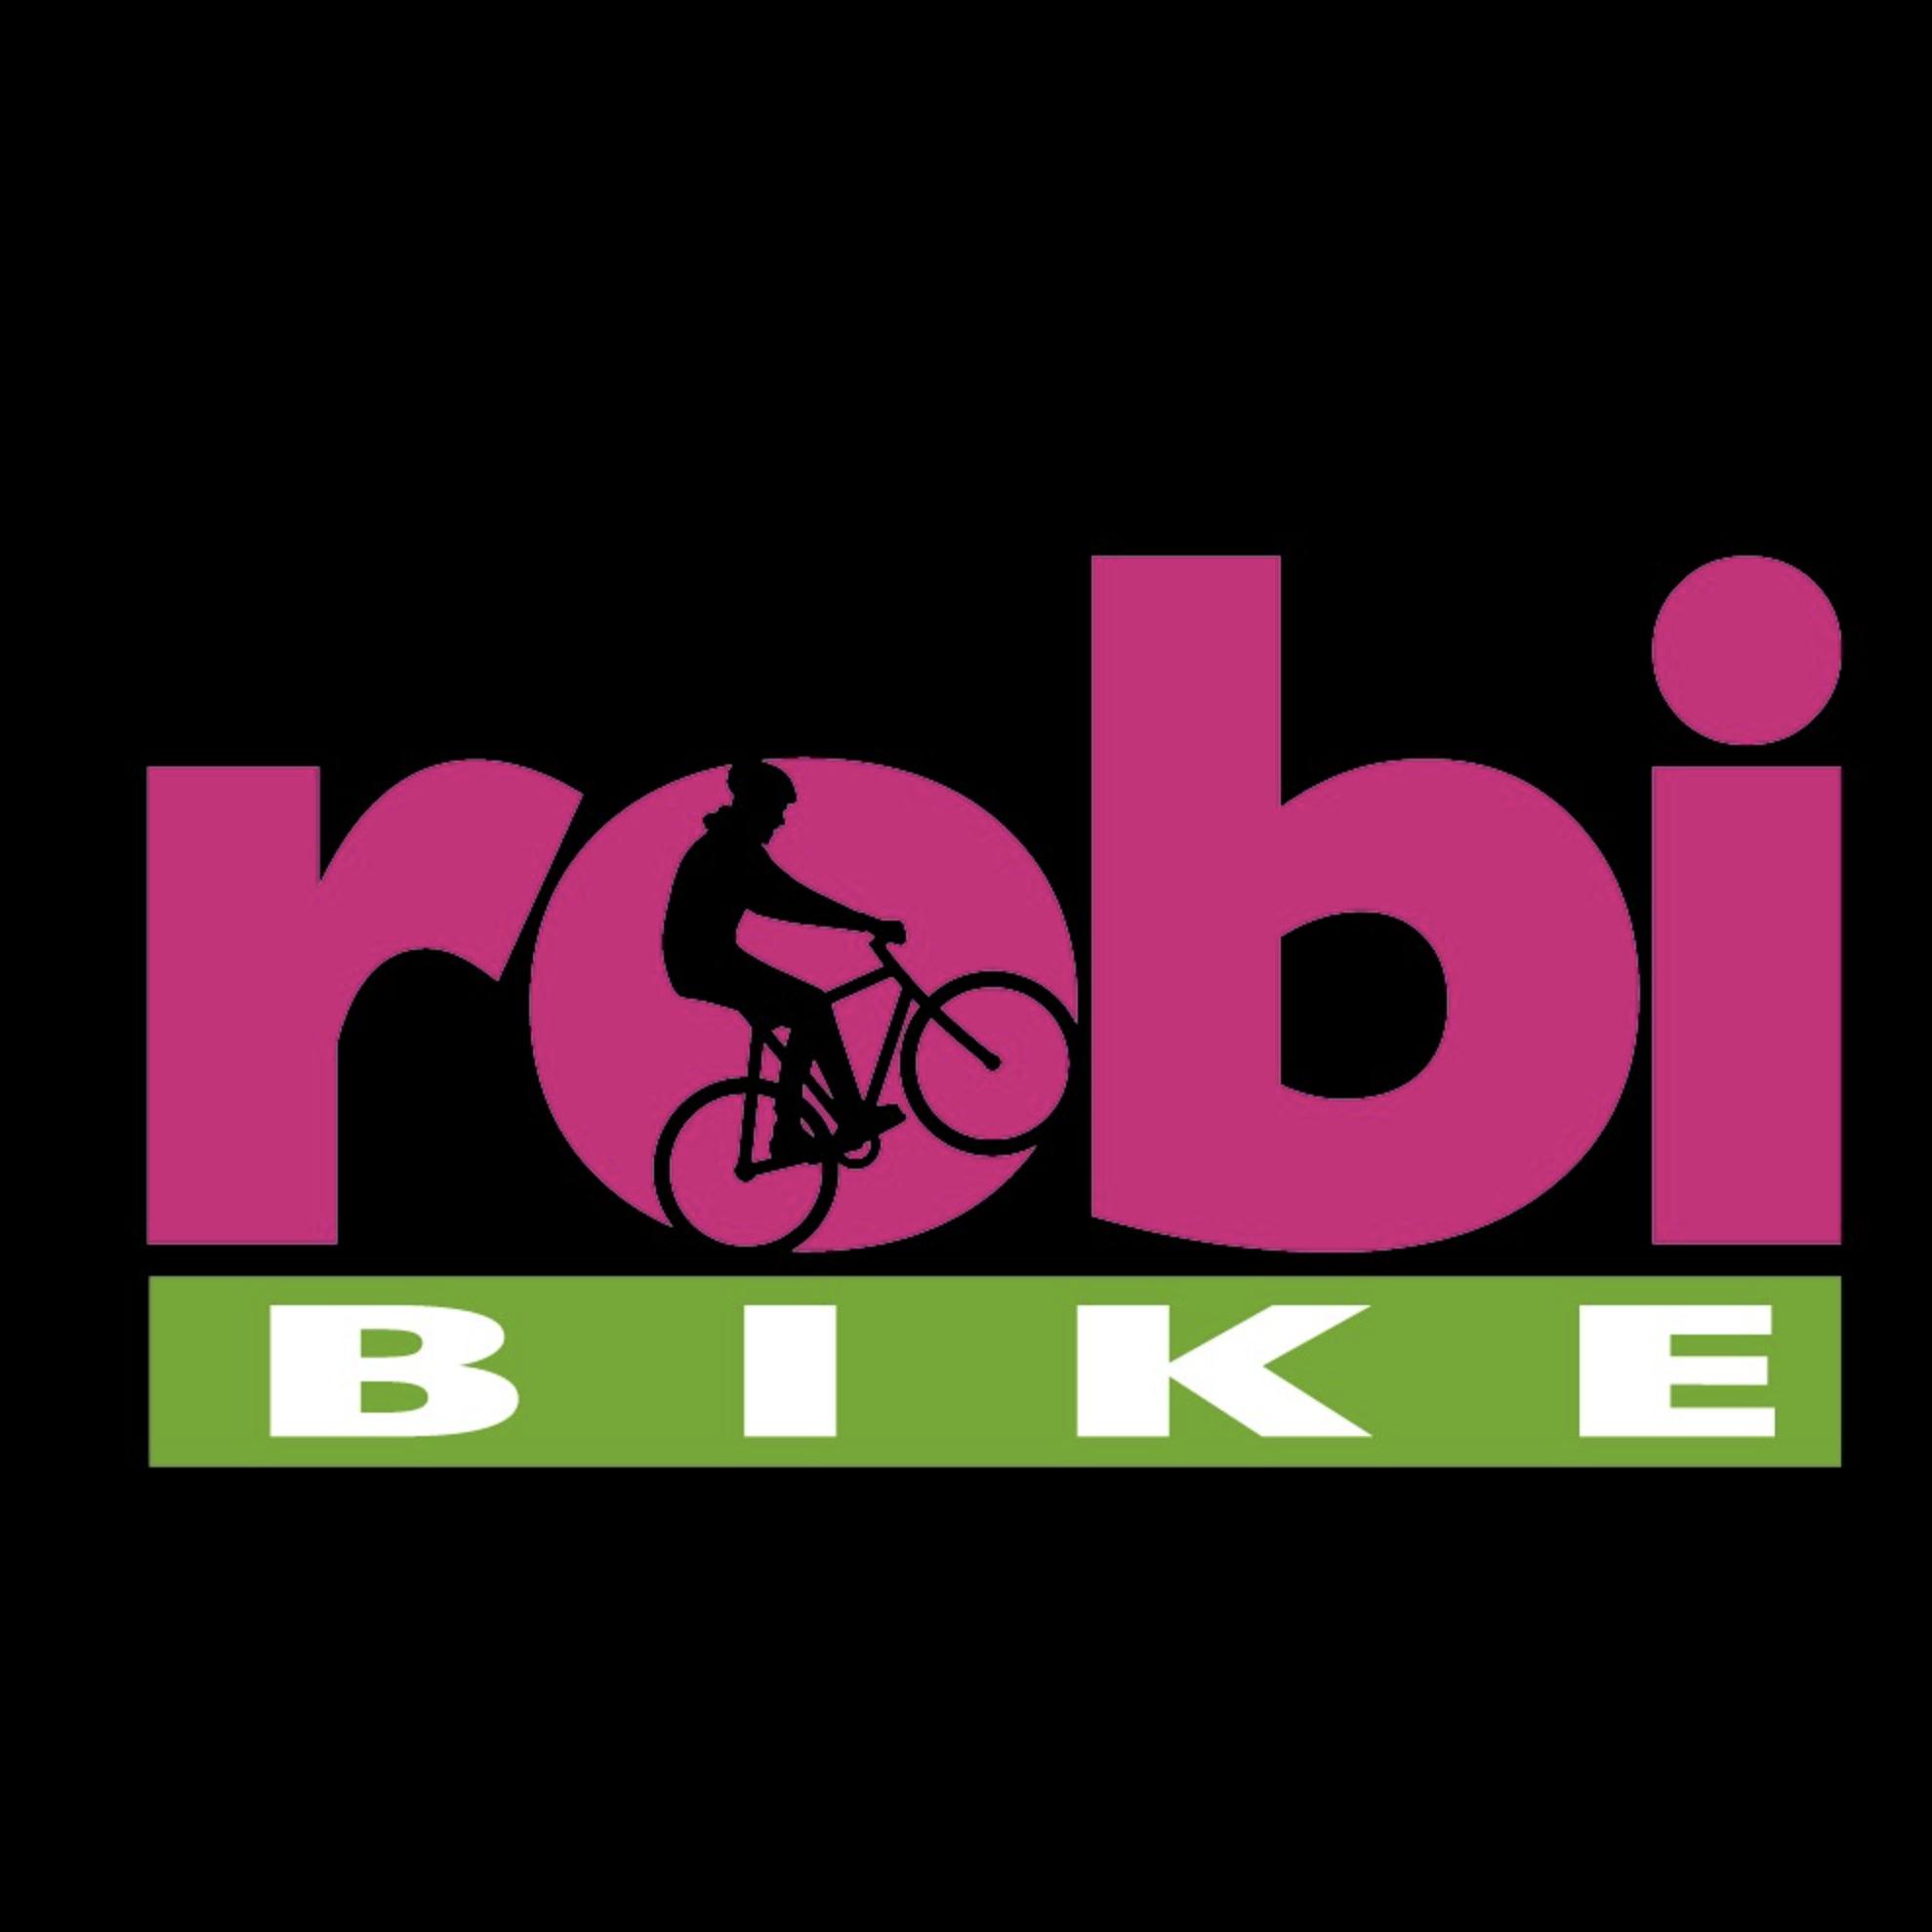 Robi Bike